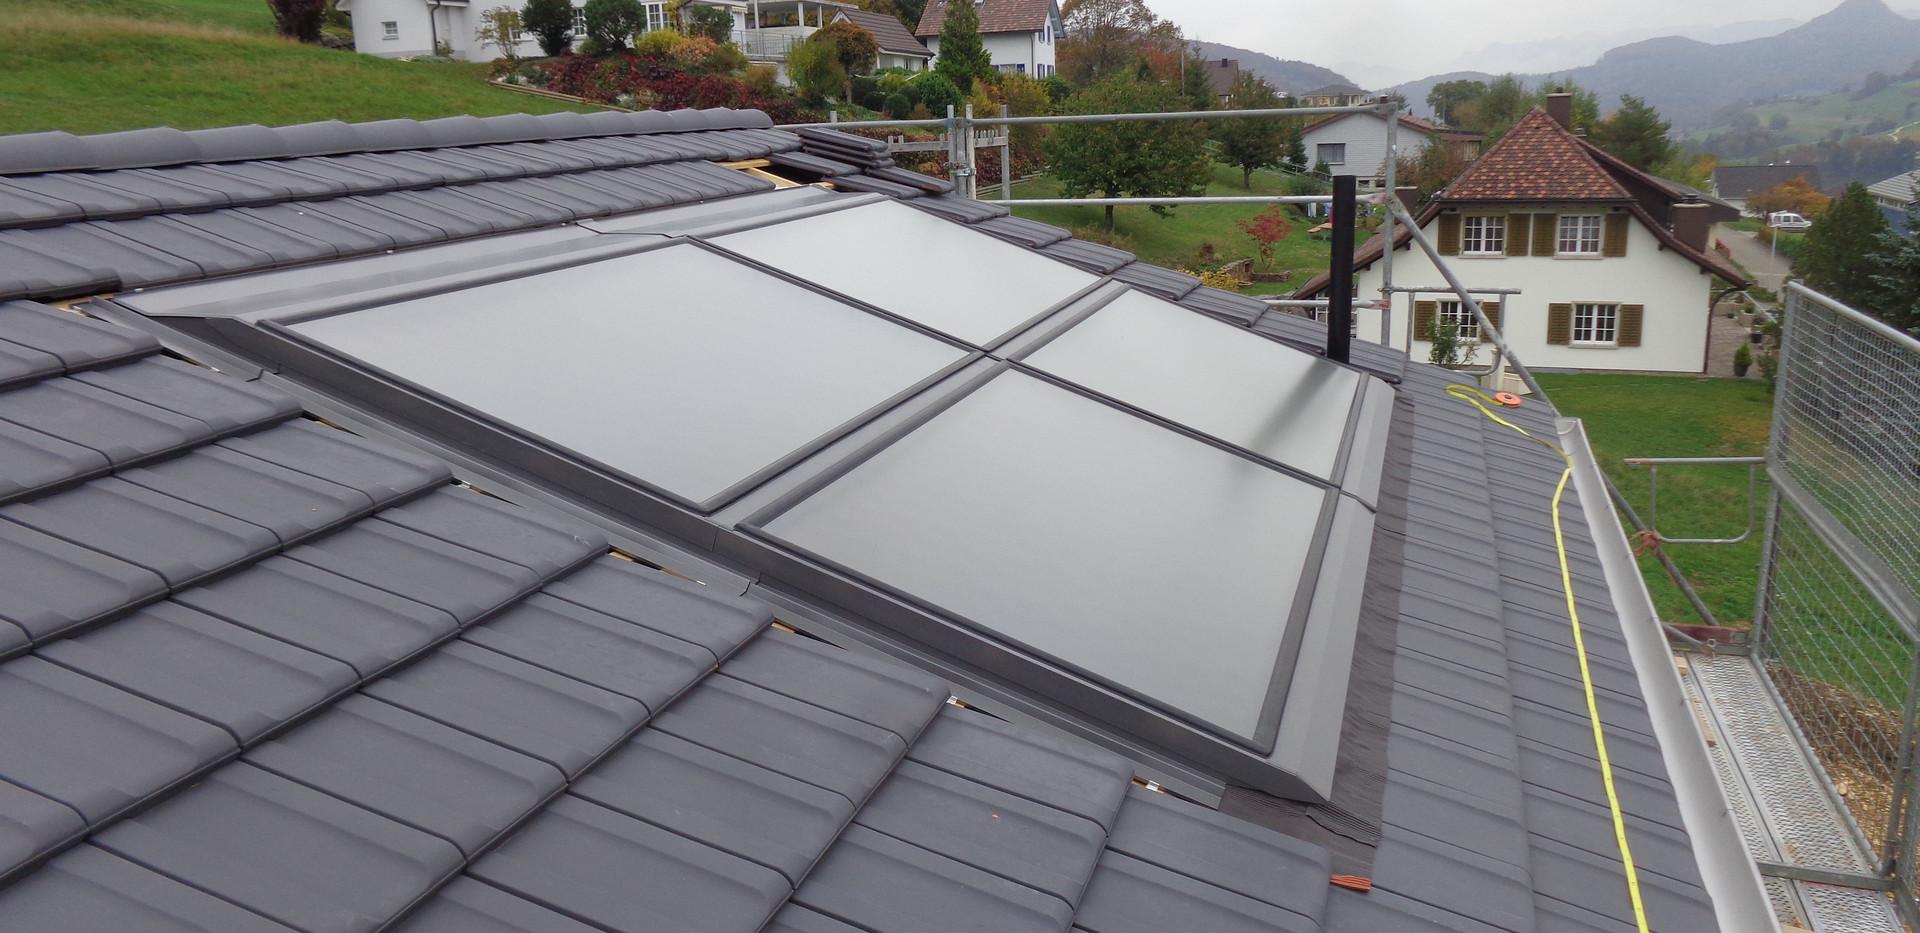 Dachfenstereinbau.JPG